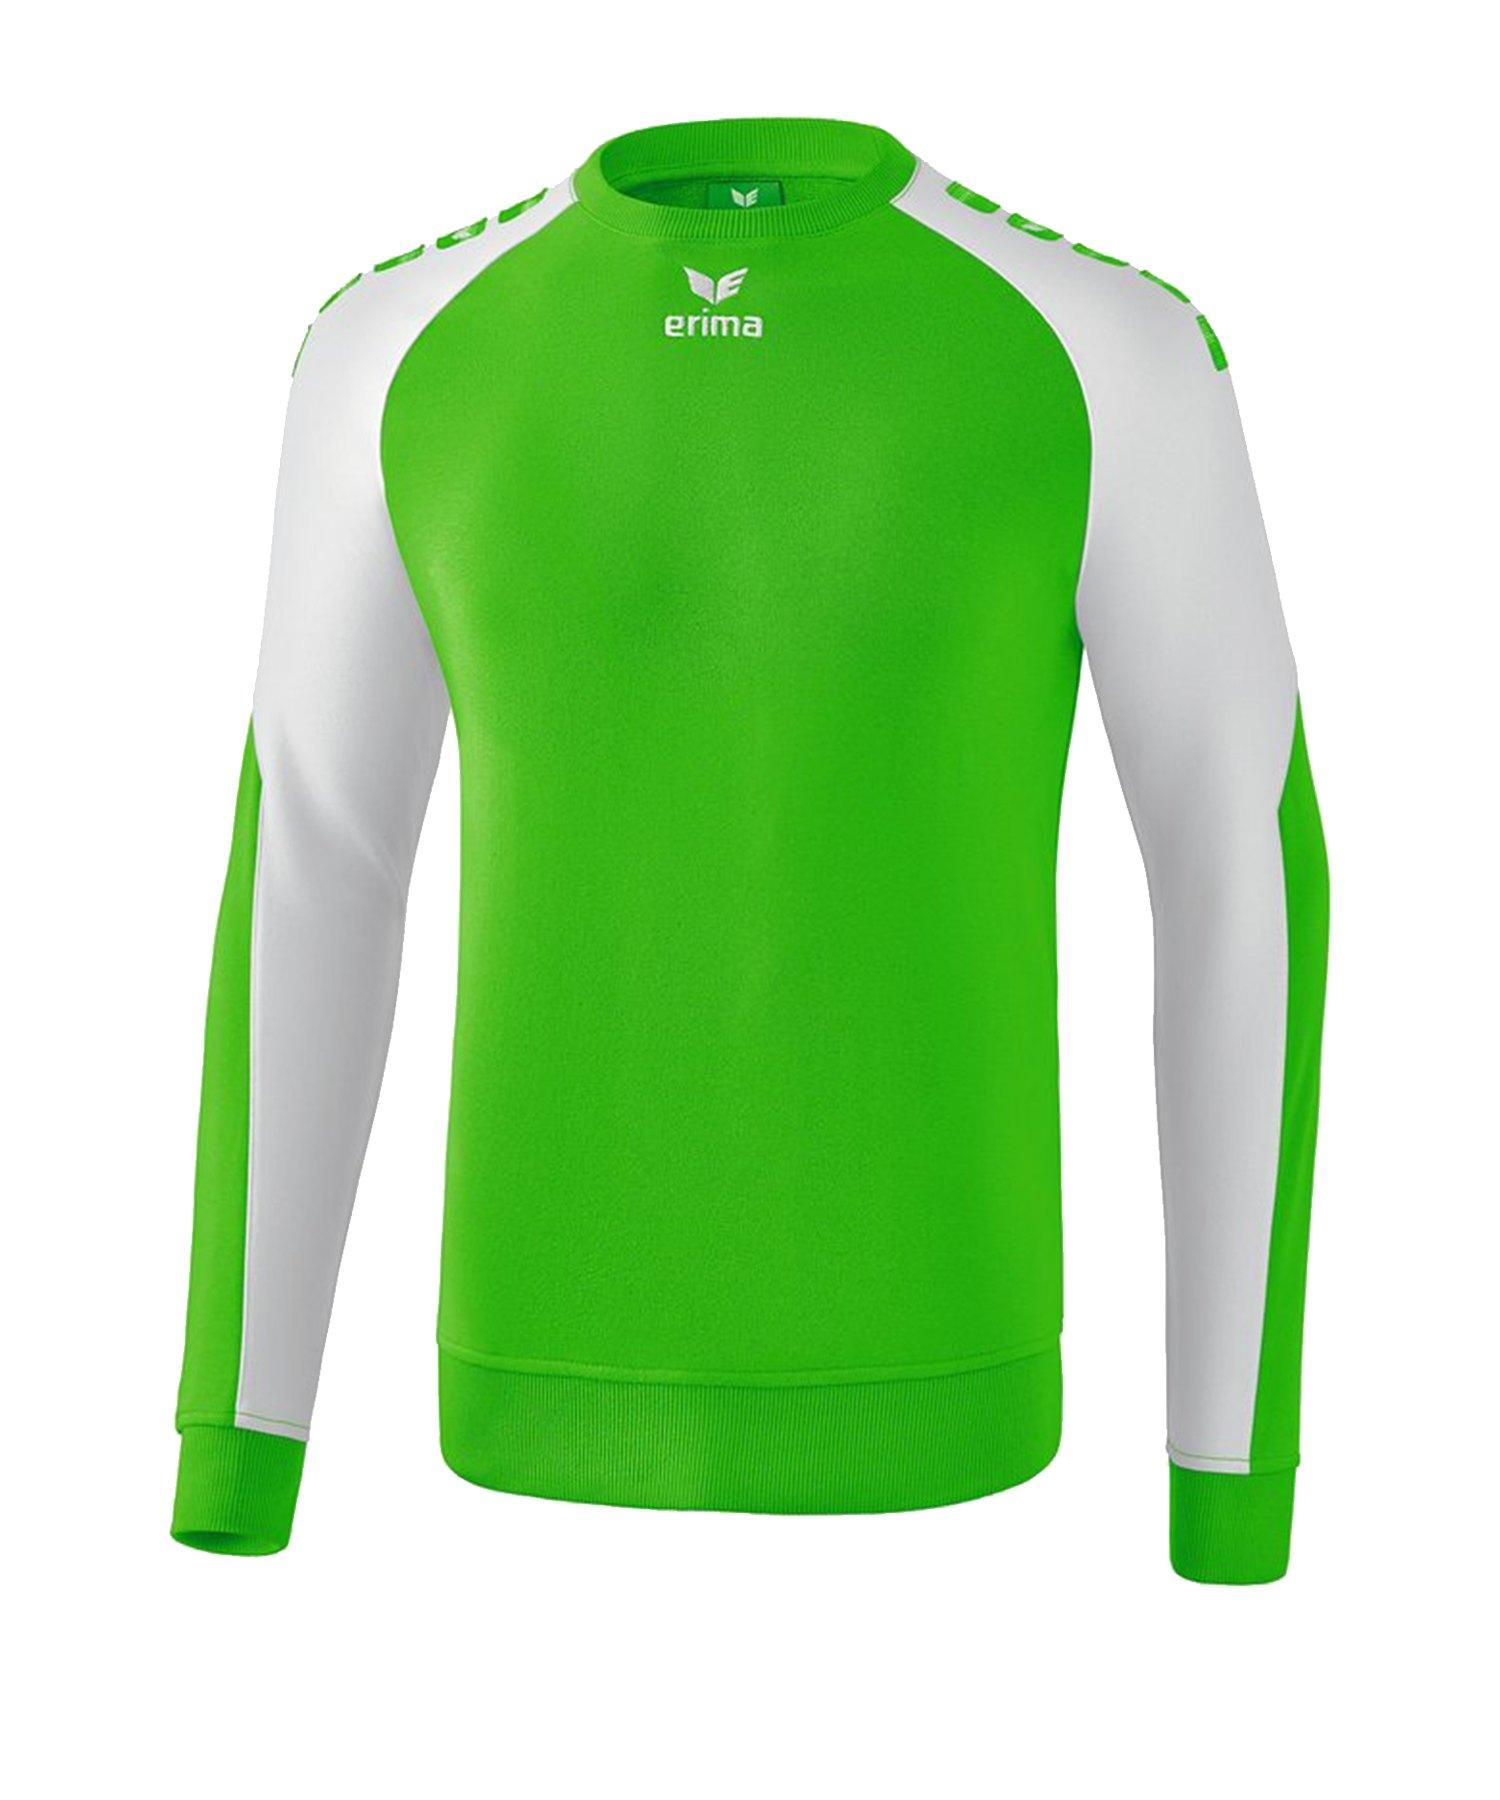 Erima Essential 5-C Sweatshirt Grün Weiss - Gruen